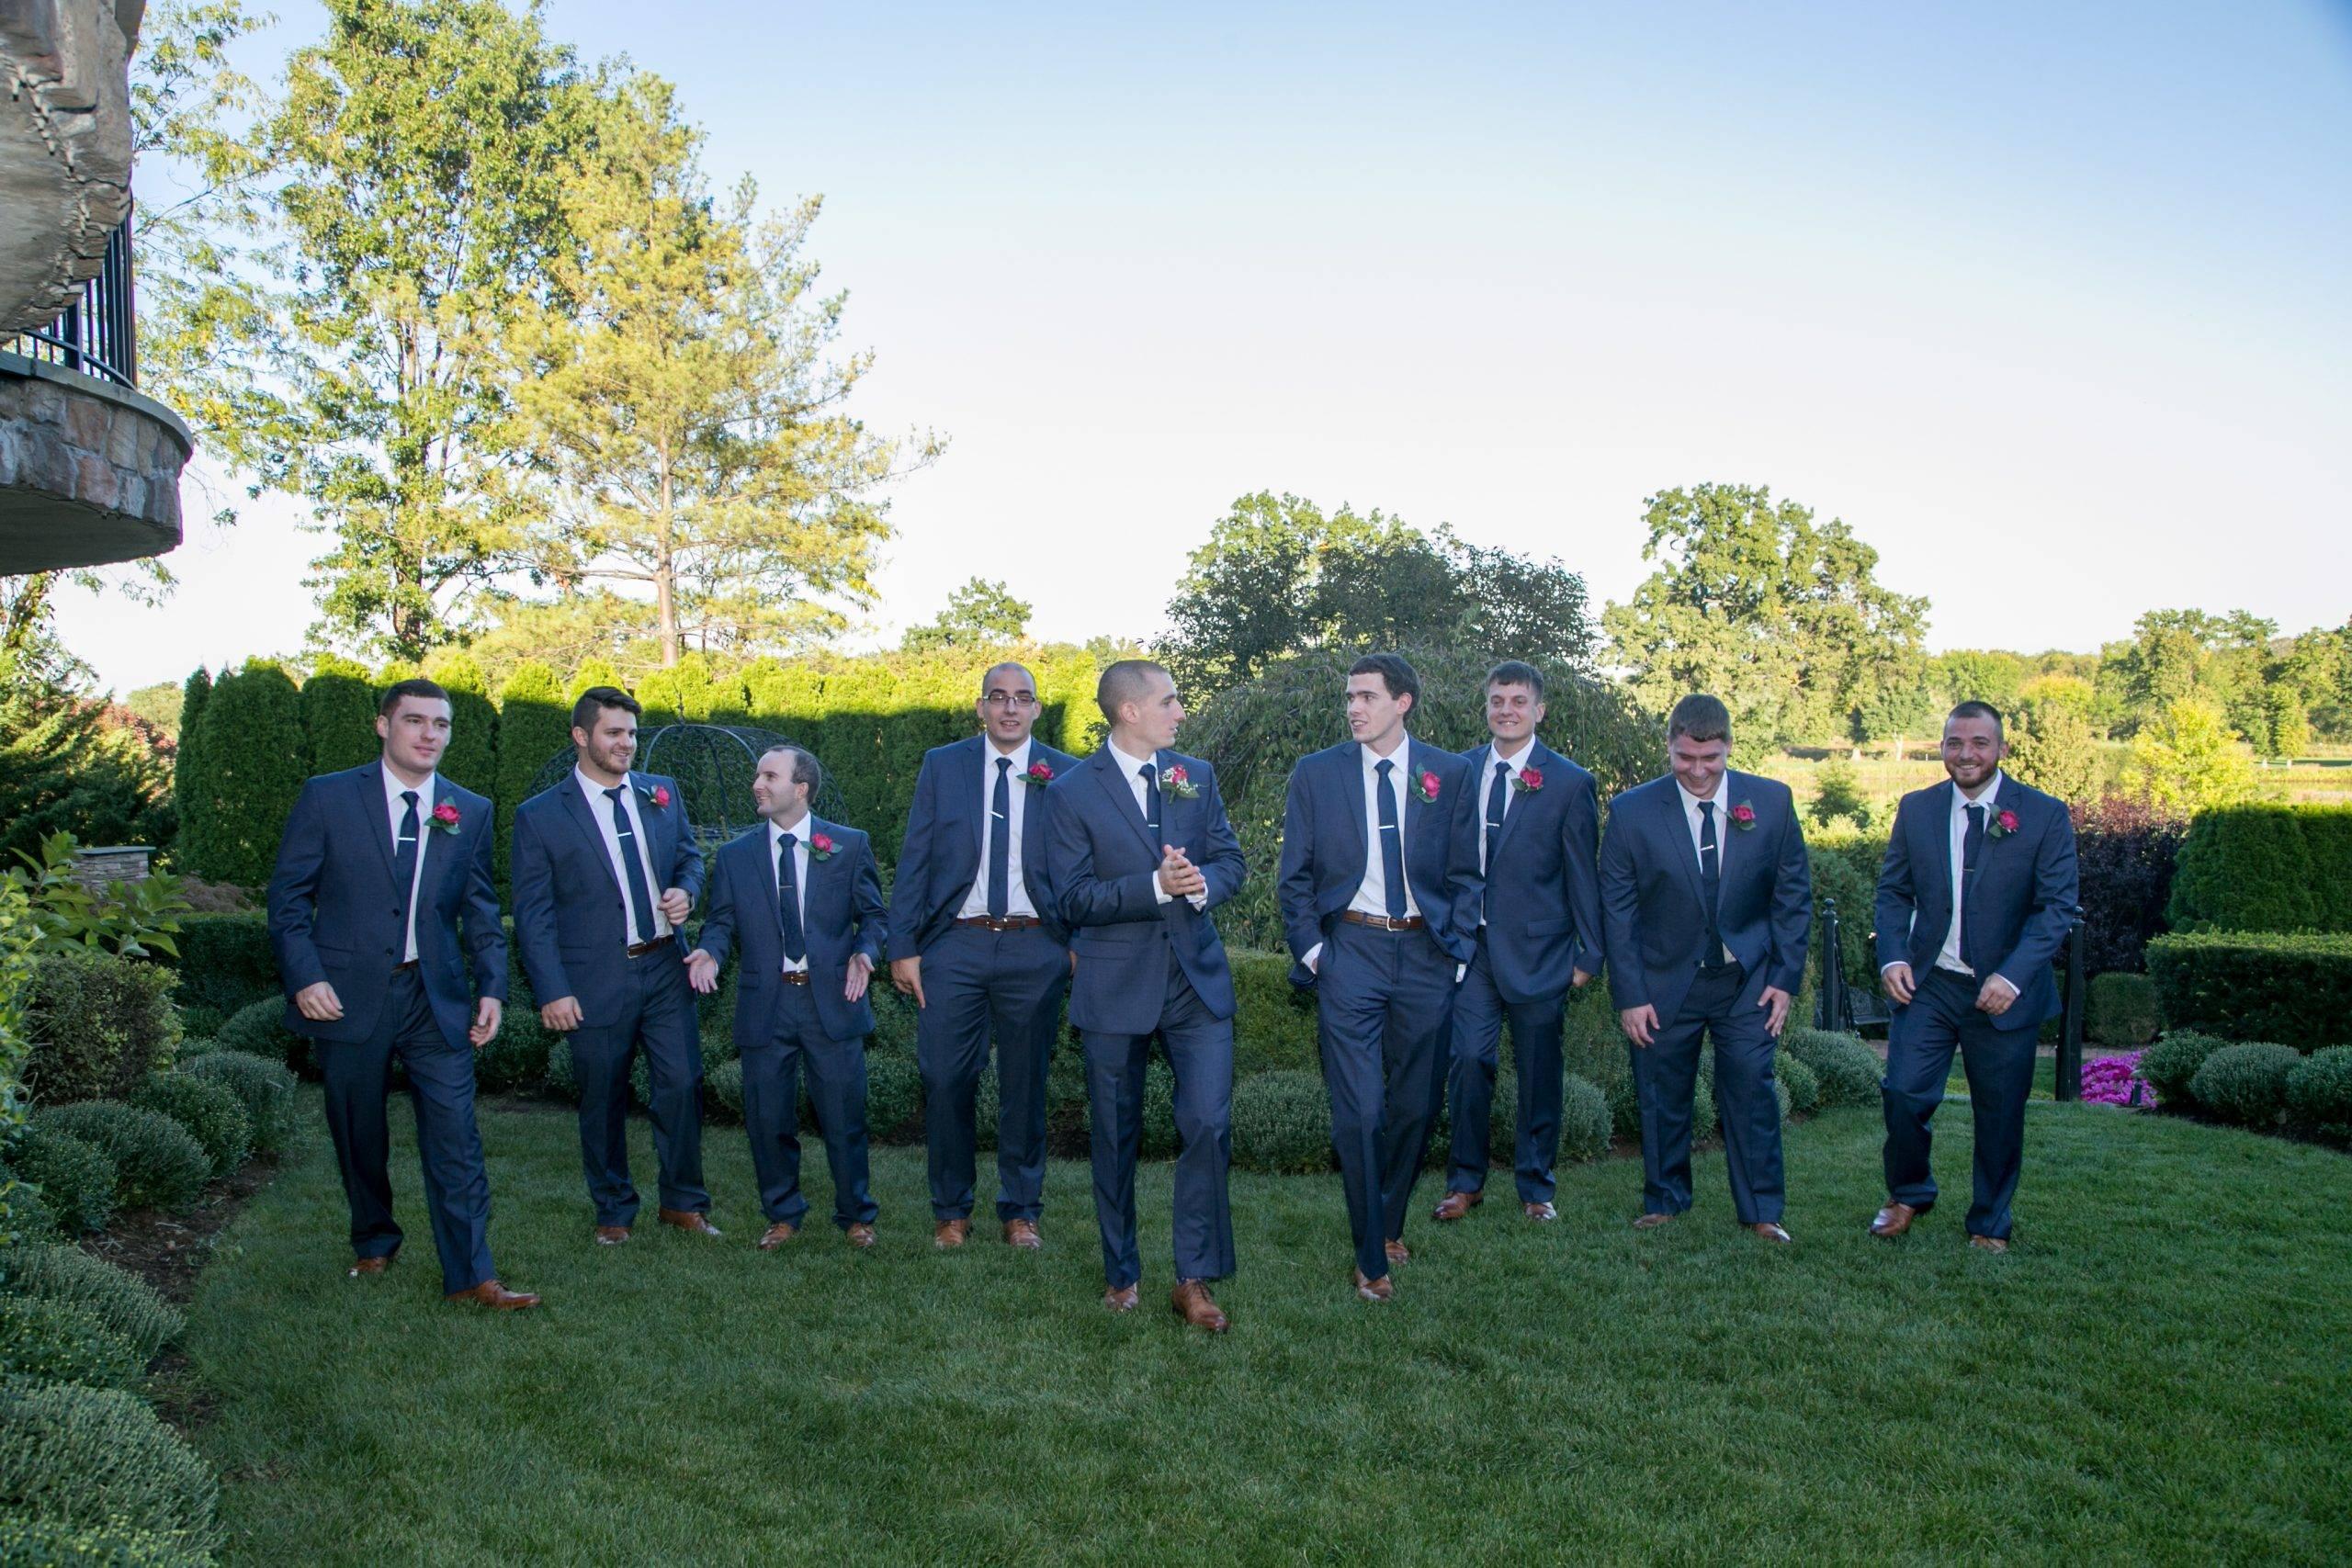 Park Savoy groom and groomsmen